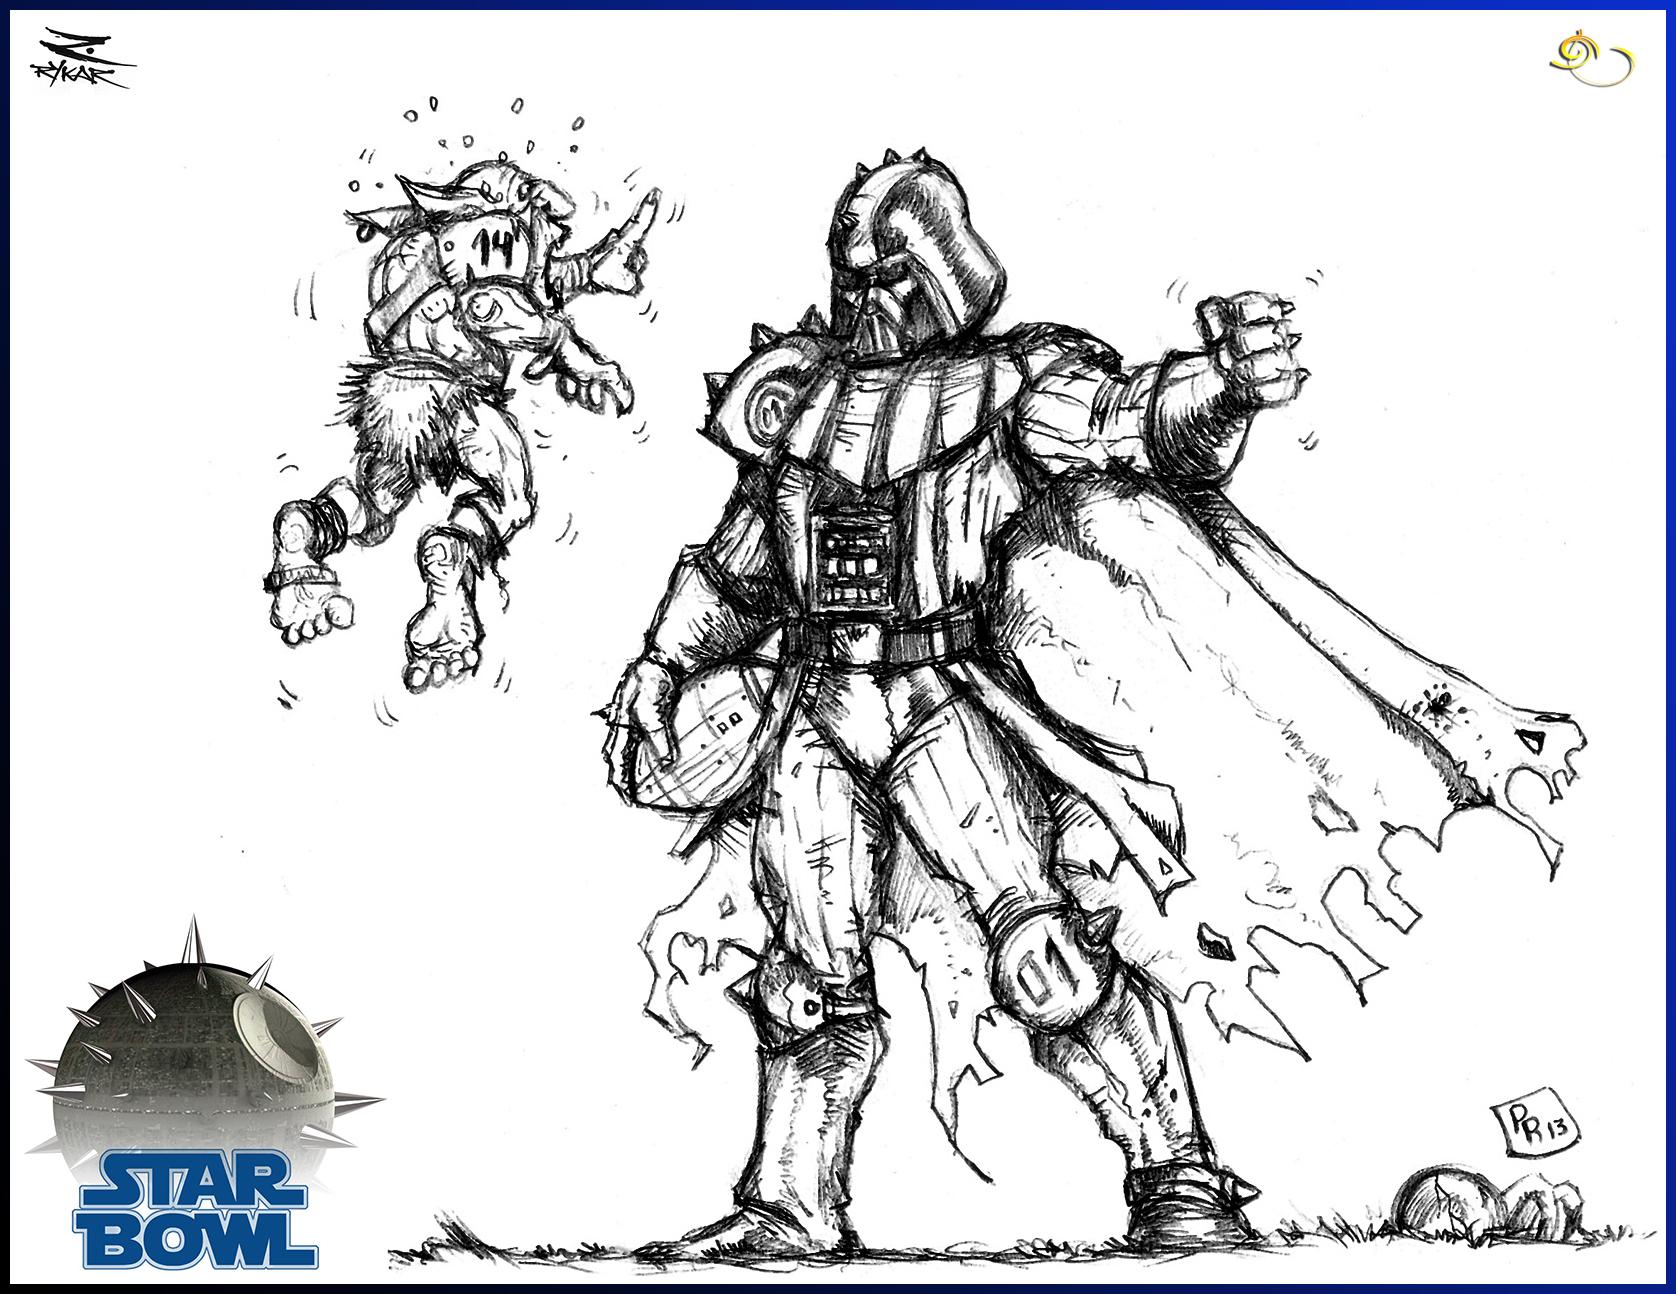 Star Bowl Darth Vader